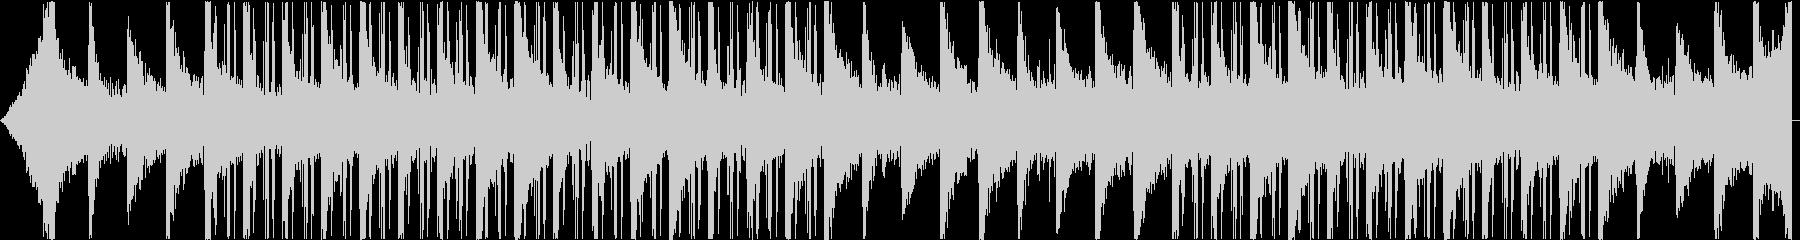 音数の少ないダウナーなインストの未再生の波形